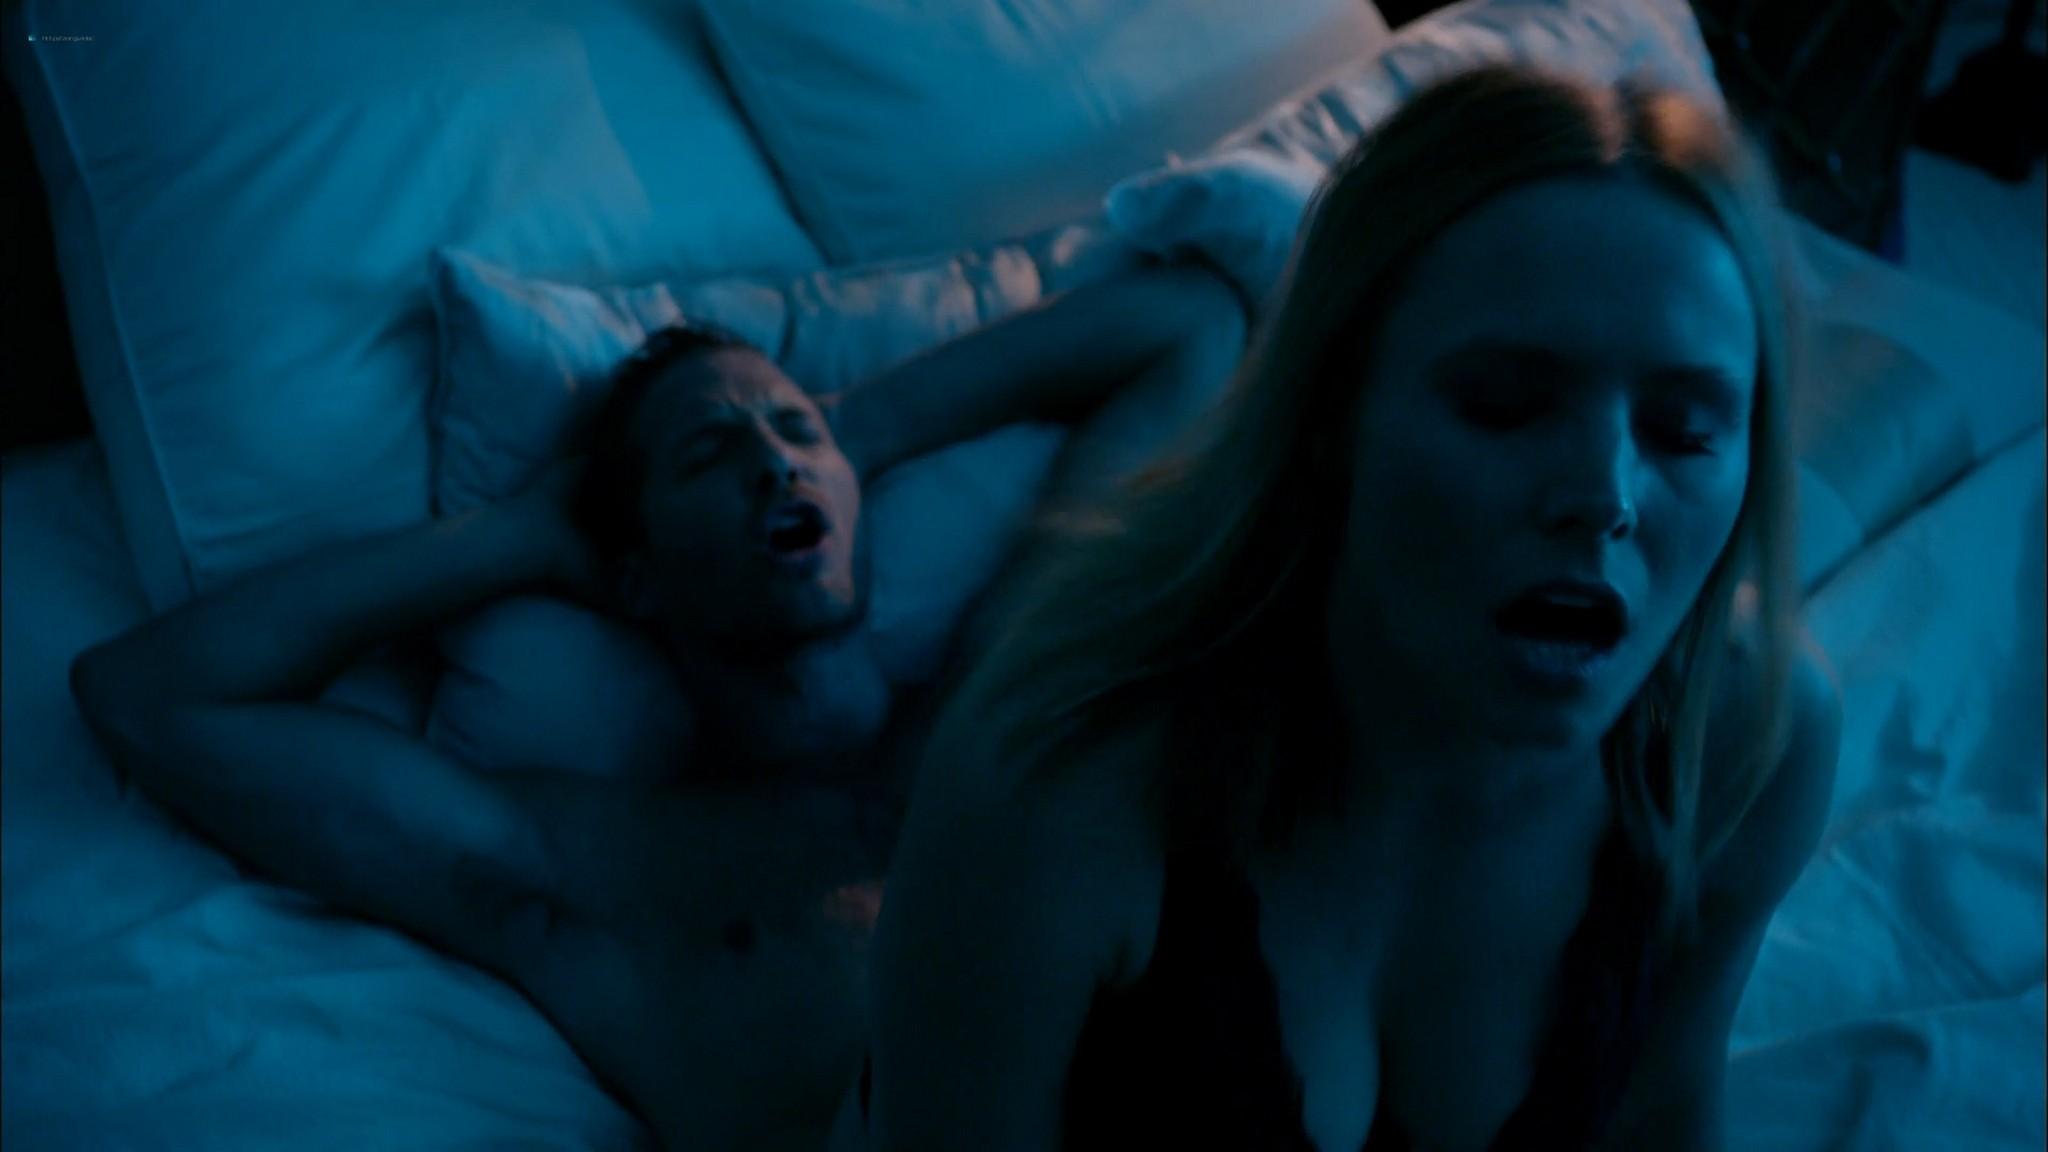 Kristen Bell hot sex riding a guy House Of Lies 2014 s3e3 hd 1080p 02